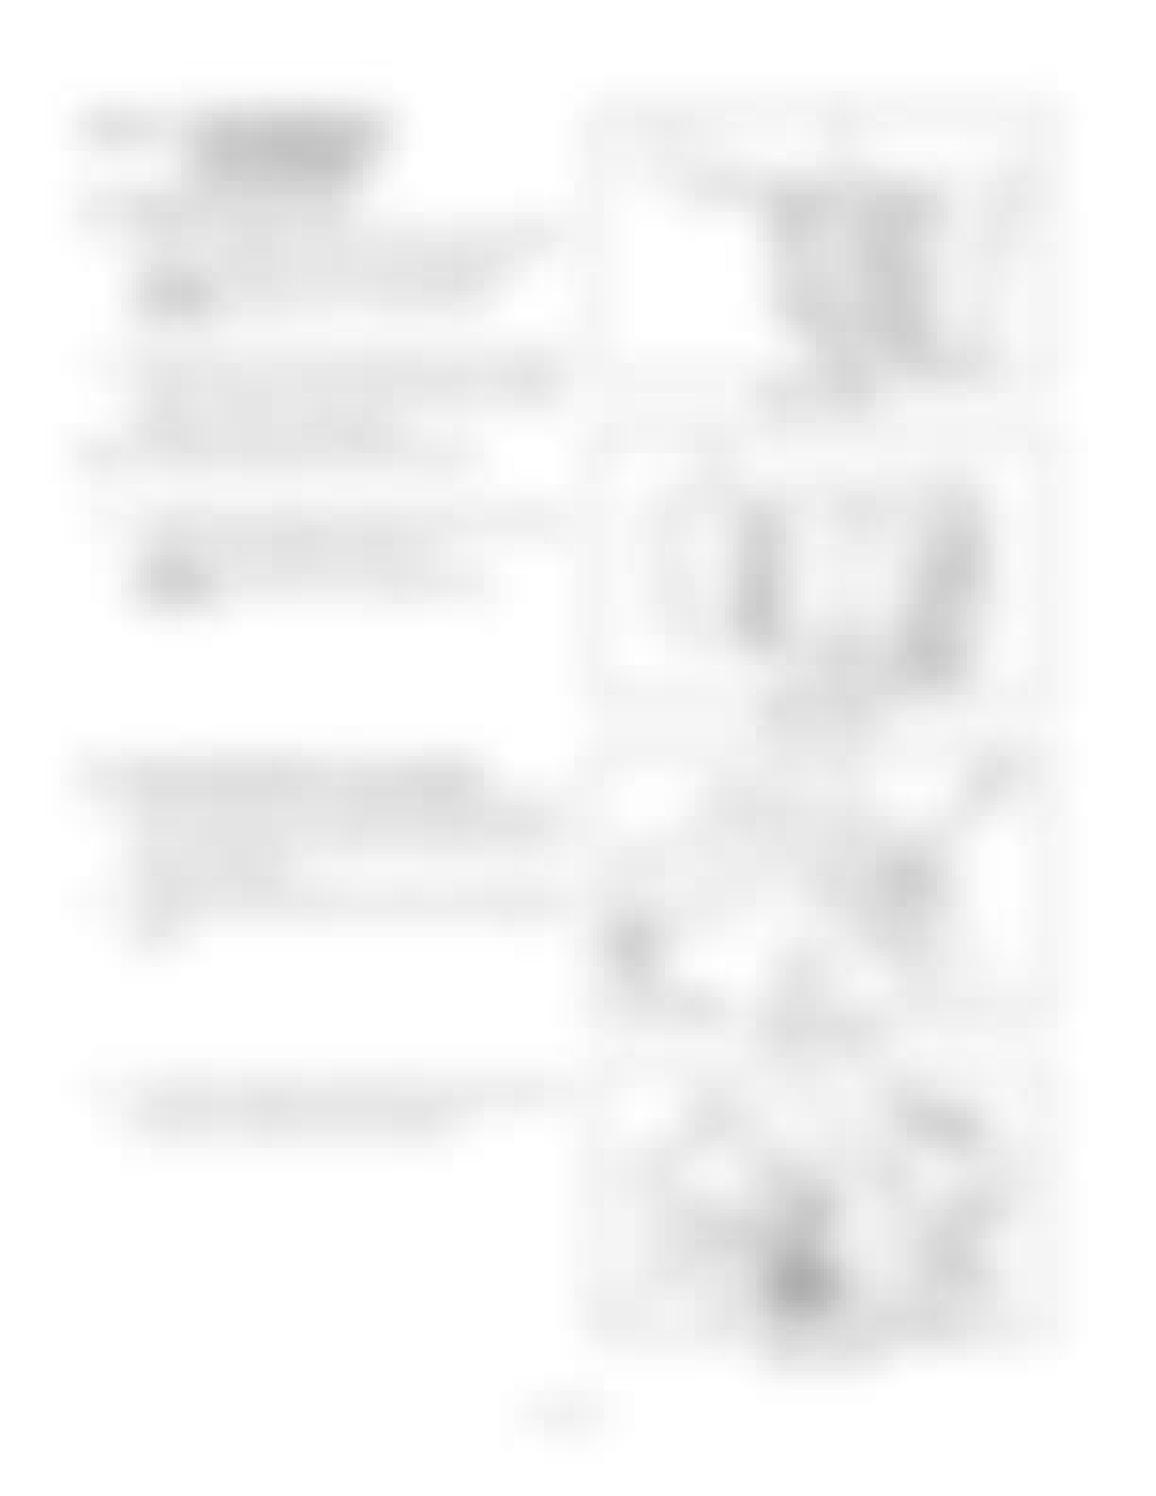 Hitachi LX110-7 LX130-7 LX160-7 LX190-7 LX230-7 Wheel Loader Workshop Manual - PDF DOWNLOAD page 40